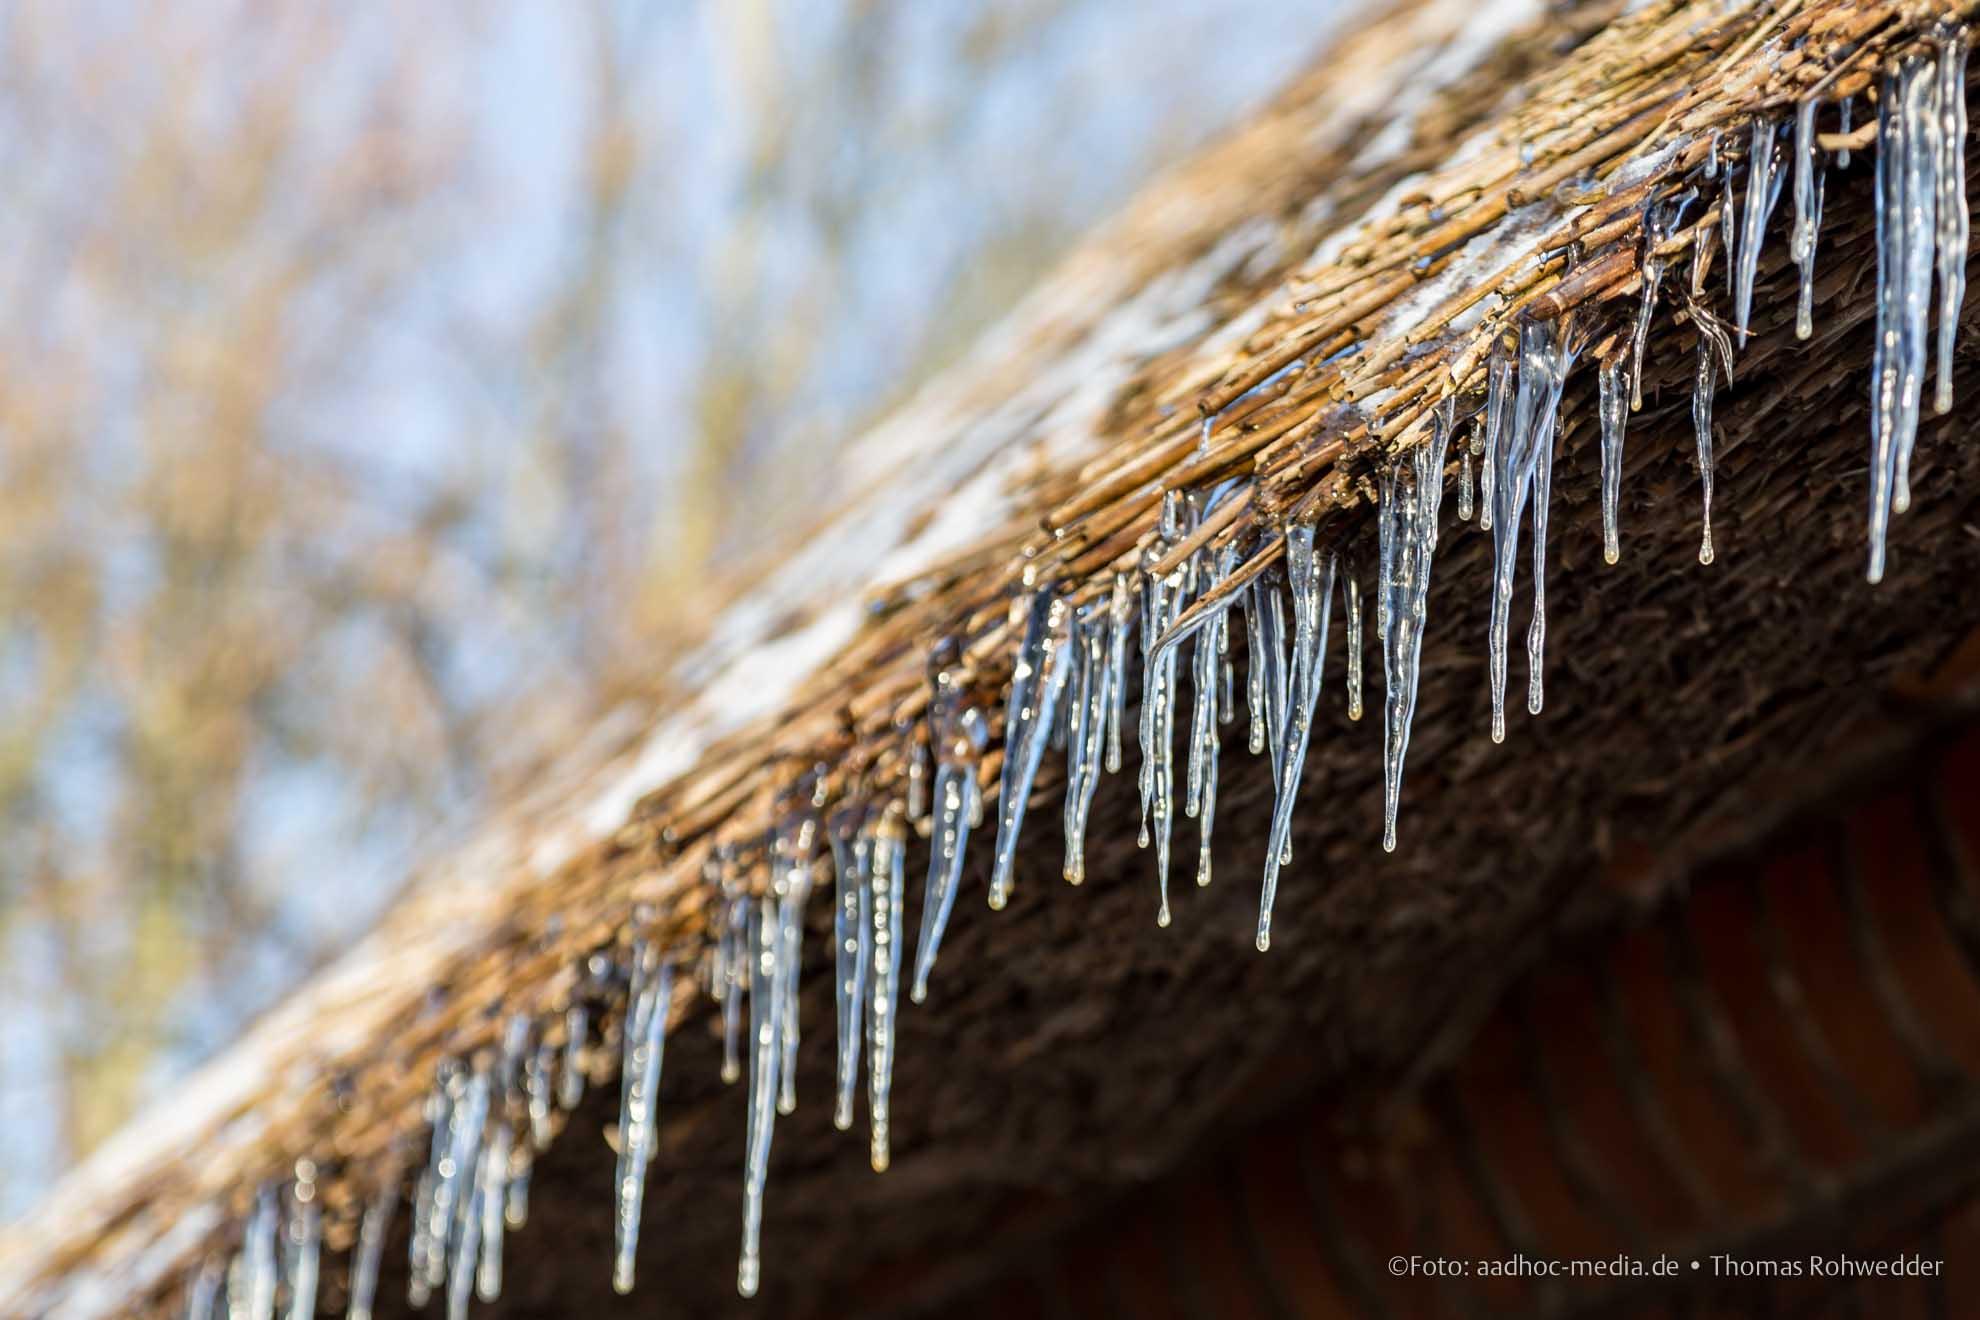 Eckernförde mit strahlender Sonne im Winter mit bleuem Himmel. Foto ©: aadhoc-media.de • Thomas Rohwedder